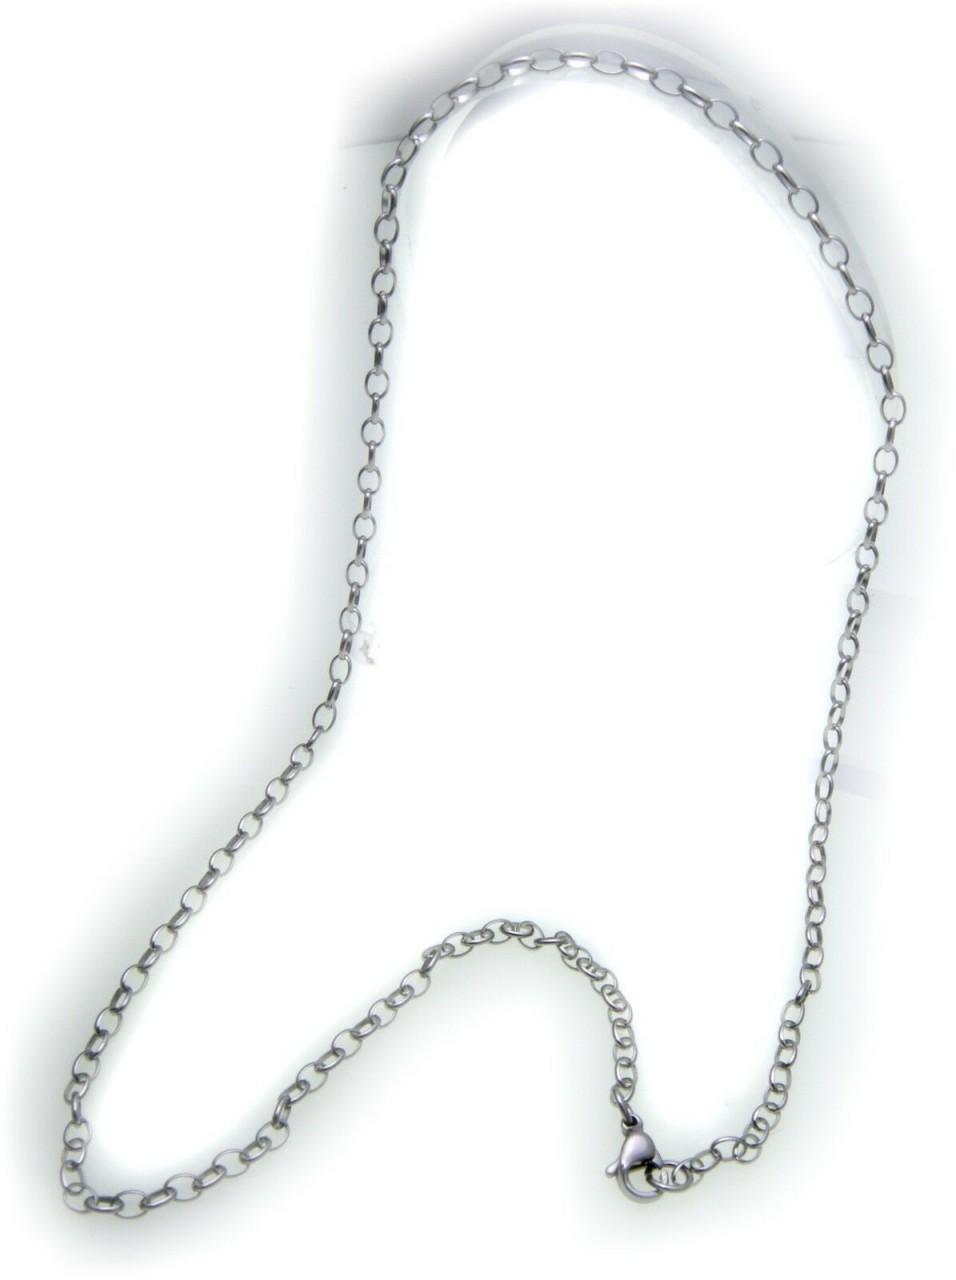 Kette Ankerkette aus Edelstahl 3,0 mm 45 cm Stahl Stahlkette